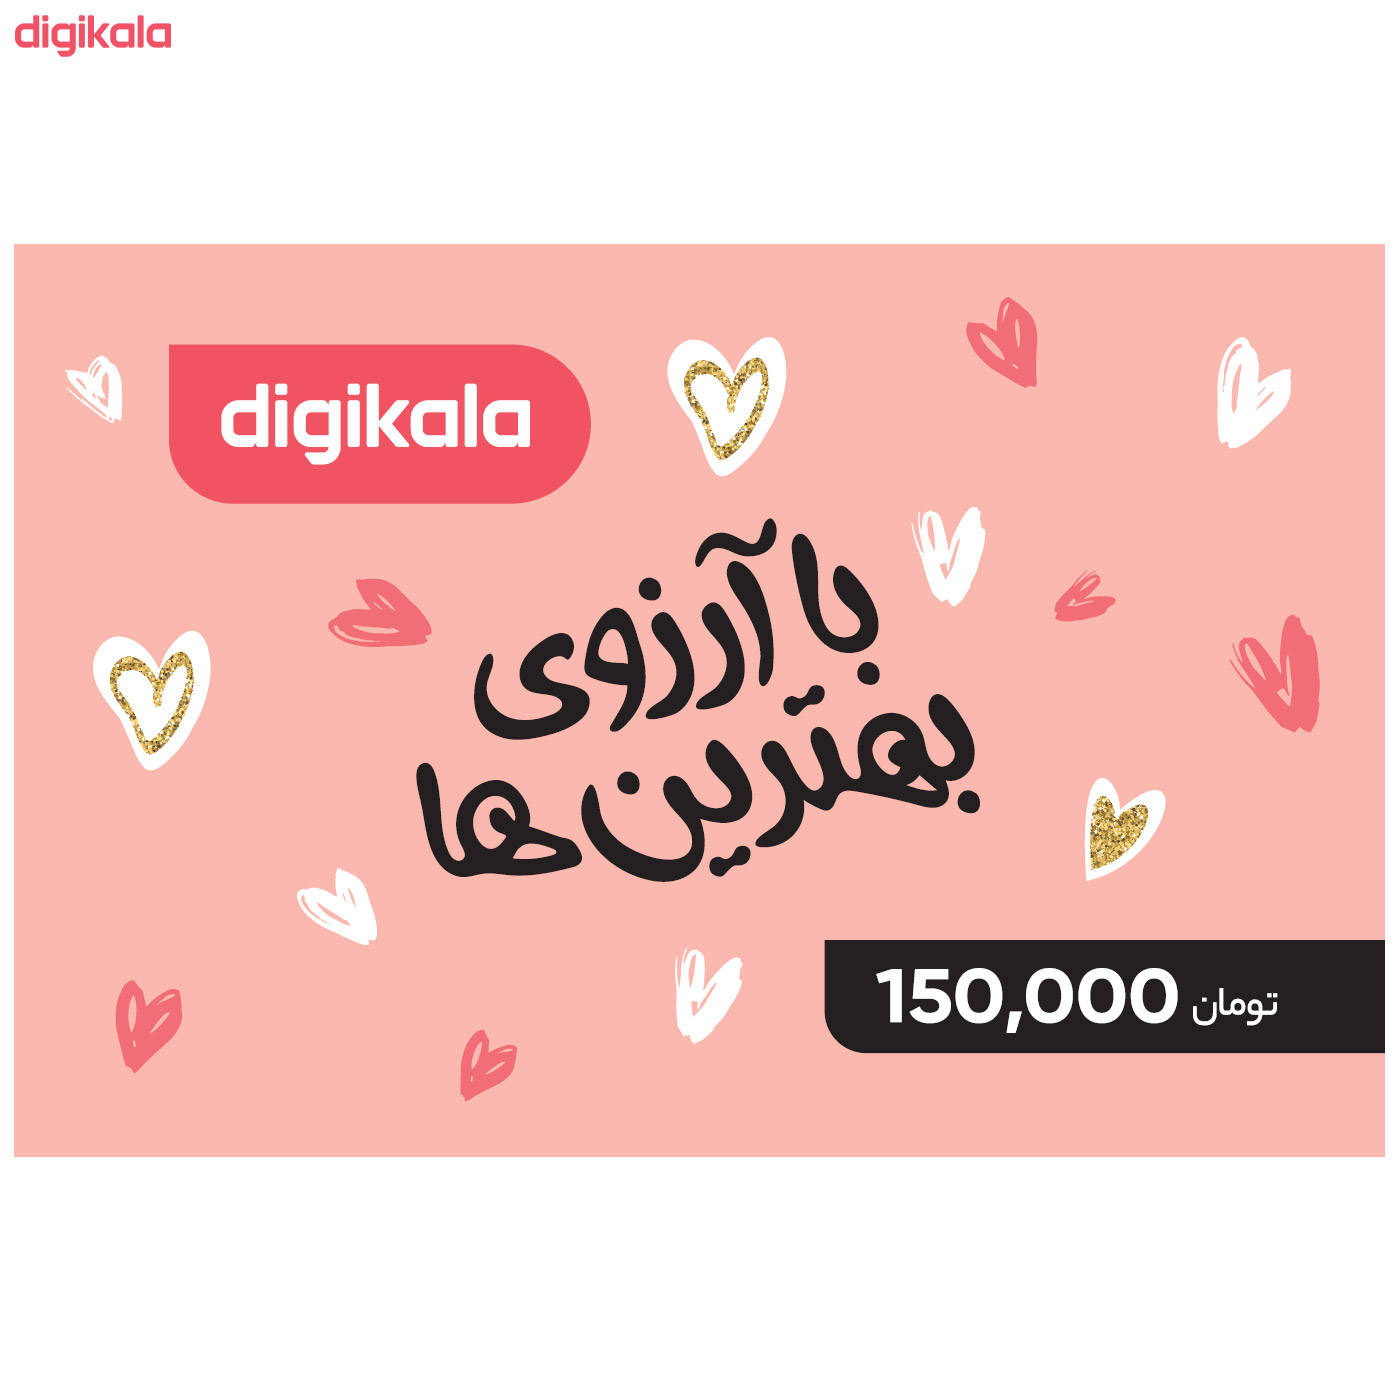 کارت هدیه دیجی کالا به ارزش 150.000 تومان طرح آرزو main 1 1